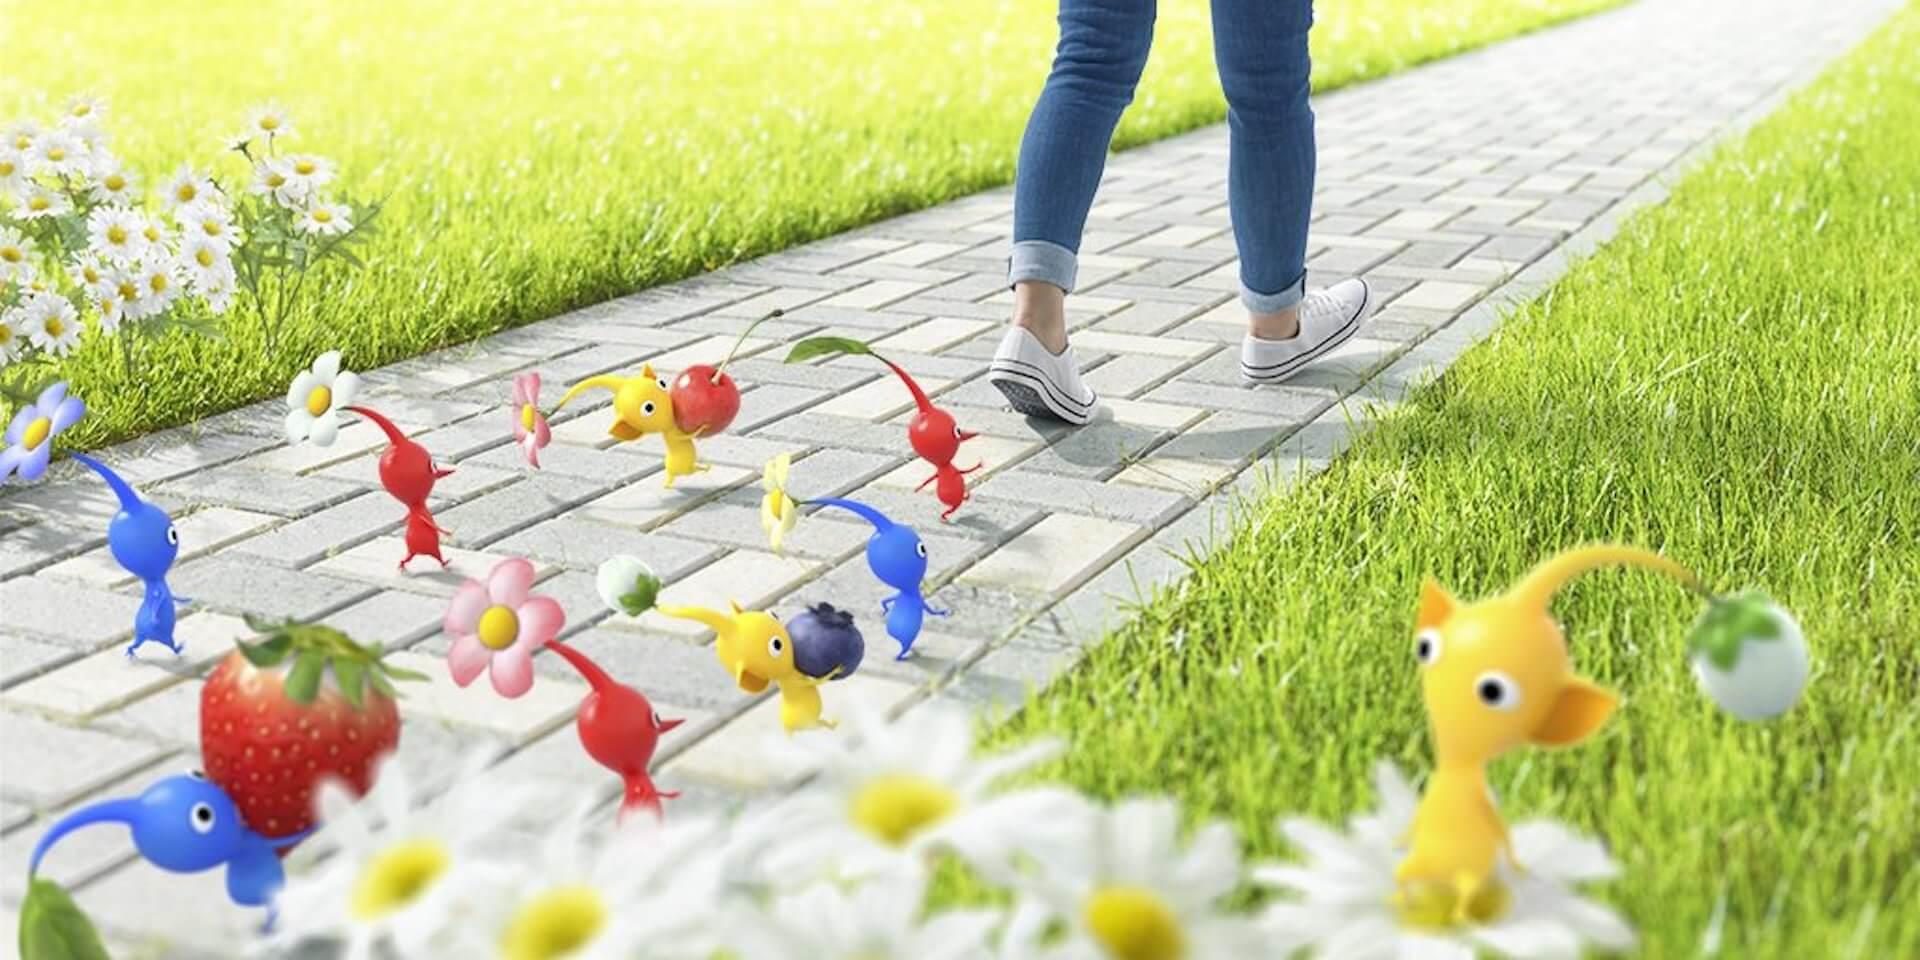 ピクミンと歩くことを楽しめるARアプリが誕生!任天堂・Niantic共同開発の新アプリがローンチ決定 tech210323_pikmin_niantic_1